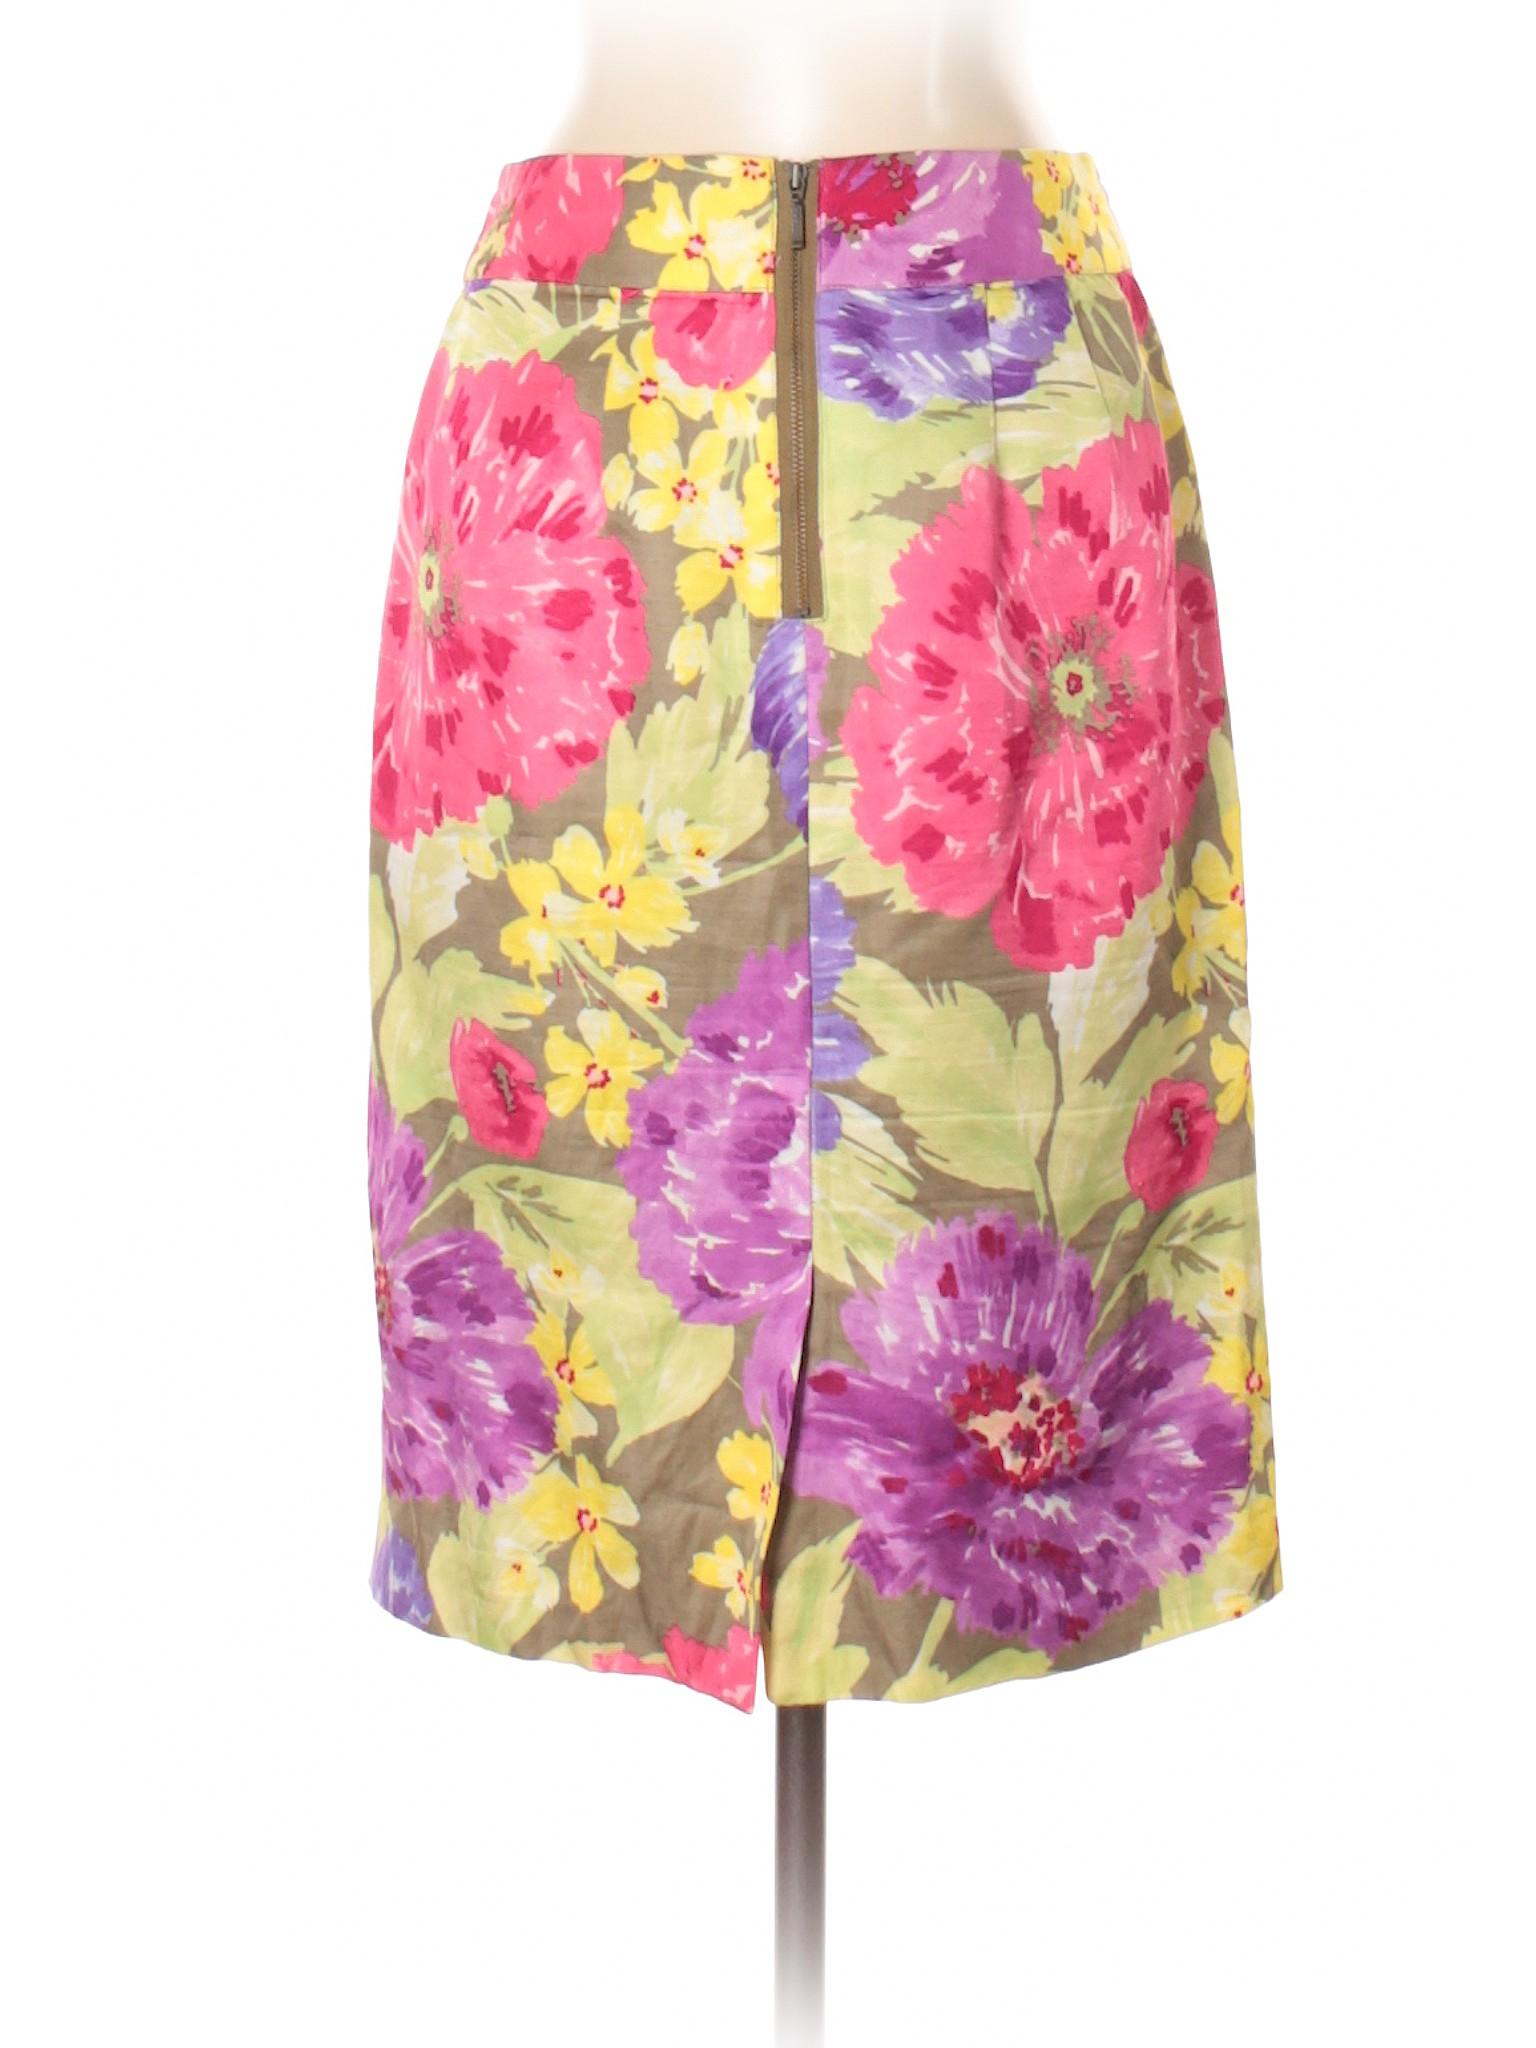 Casual Casual Skirt Boutique Boutique Boutique Skirt R7q0nI